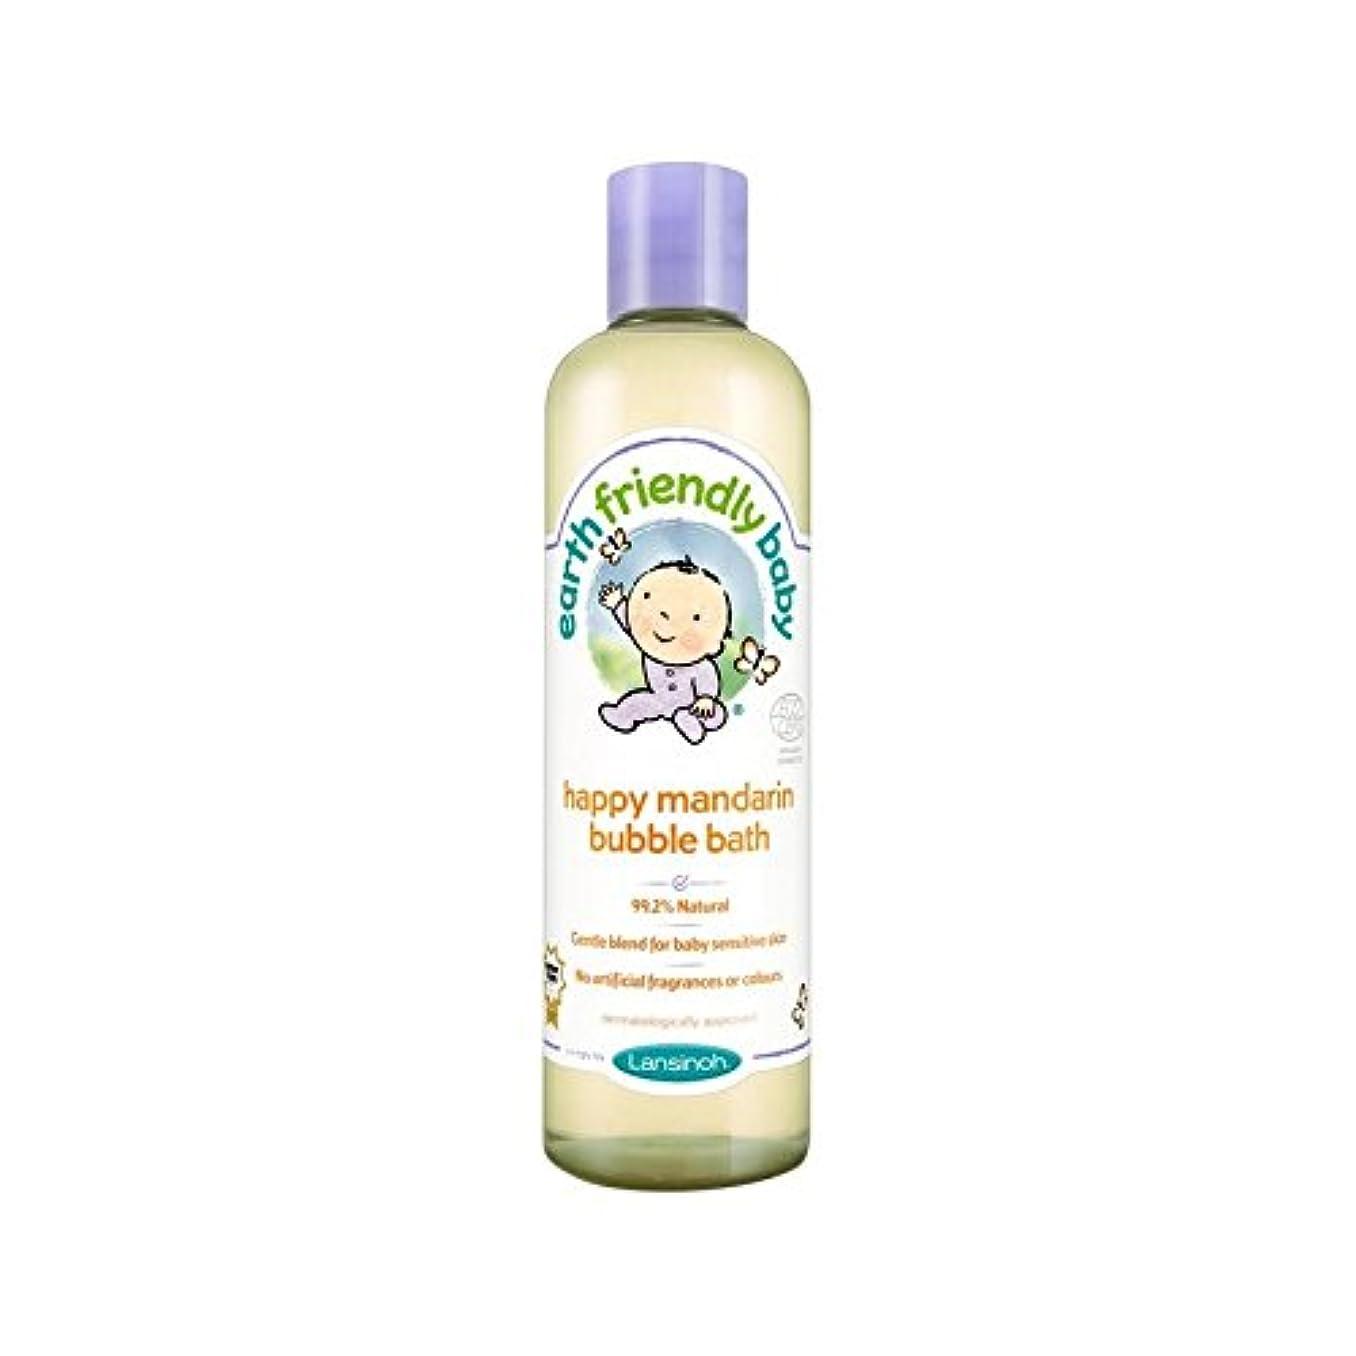 エールリーク心理的赤ちゃん幸せなマンダリン泡風呂のエコサートの300ミリリットル (Earth Friendly) (x 2) - Earth Friendly Baby Happy Mandarin Bubble Bath ECOCERT...